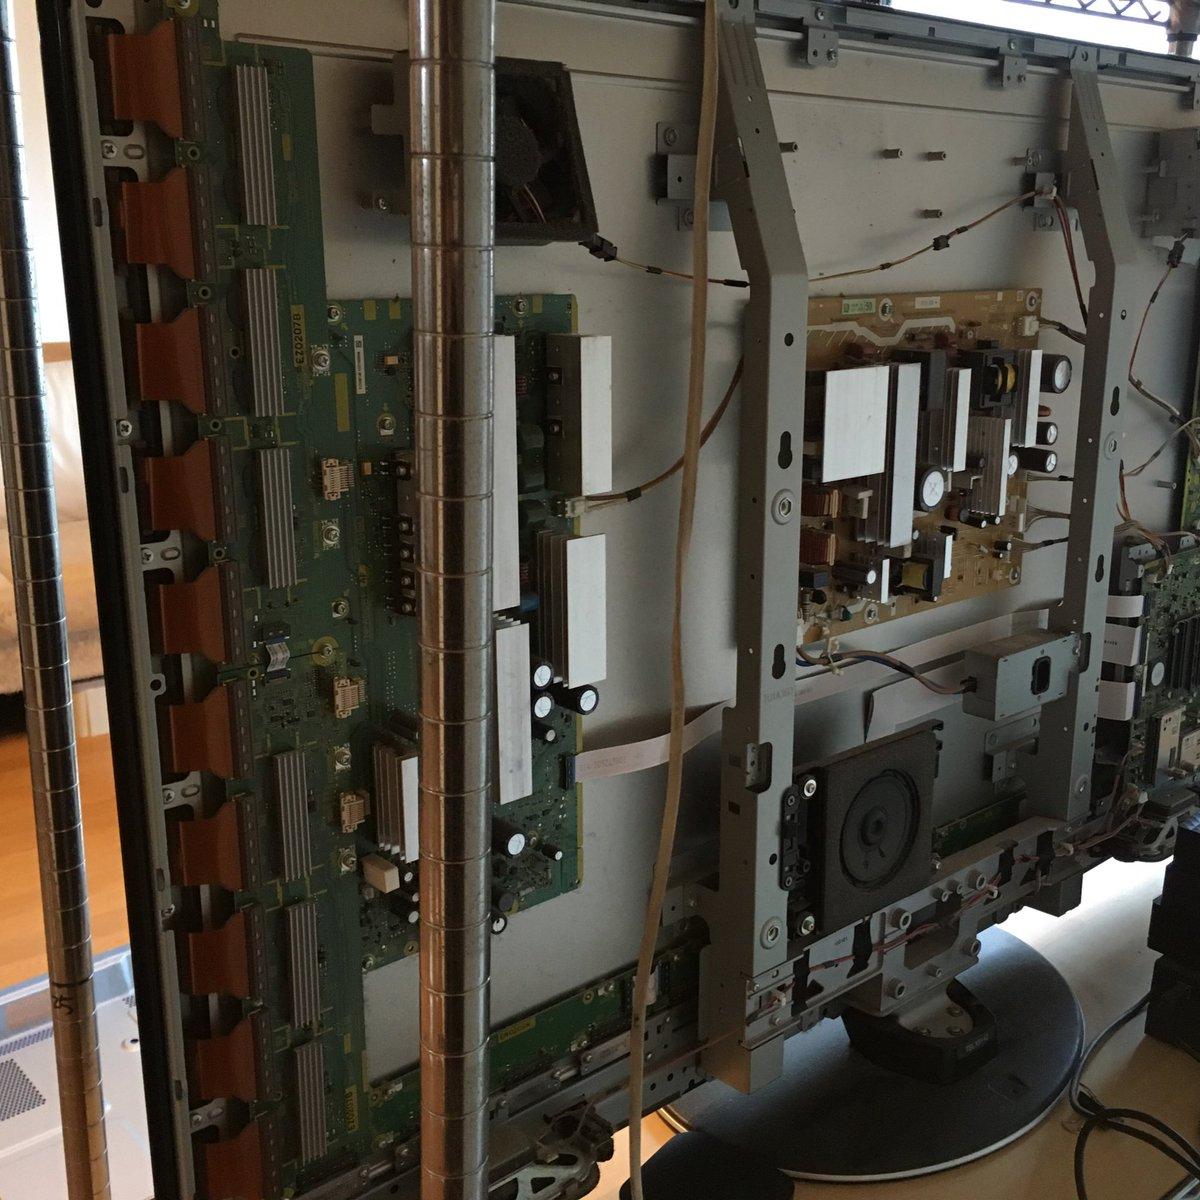 修理中猫はしまっていてください/Panasonicのプラズマテレビが壊れてしまい修理にきてもらったお話